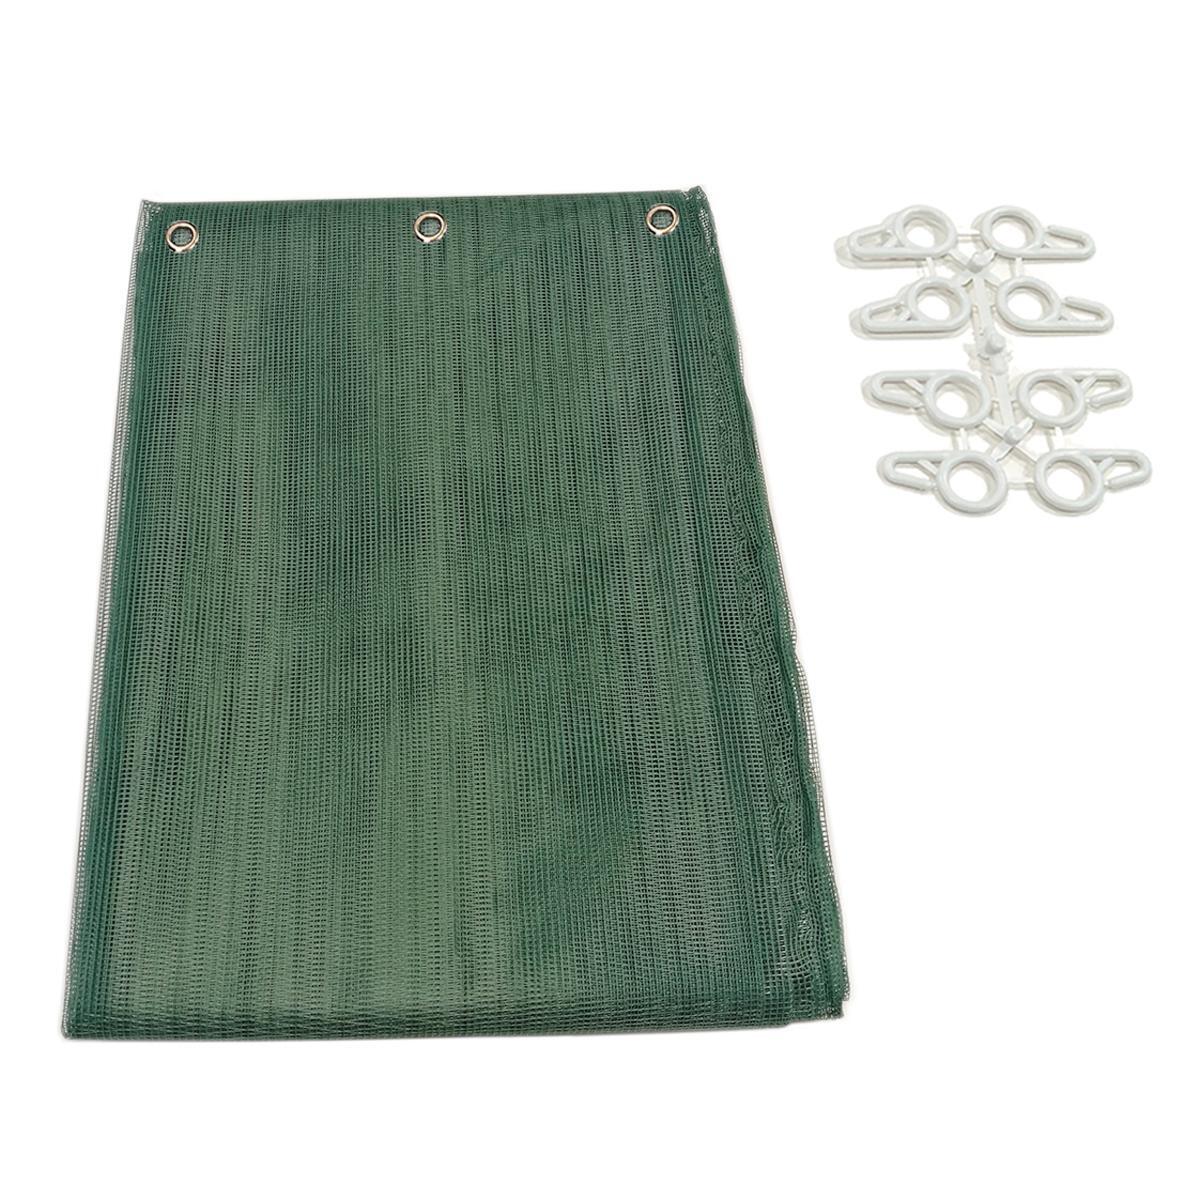 Tenda zanzariera ad anelli L 150 x H 250 cm verde - 2